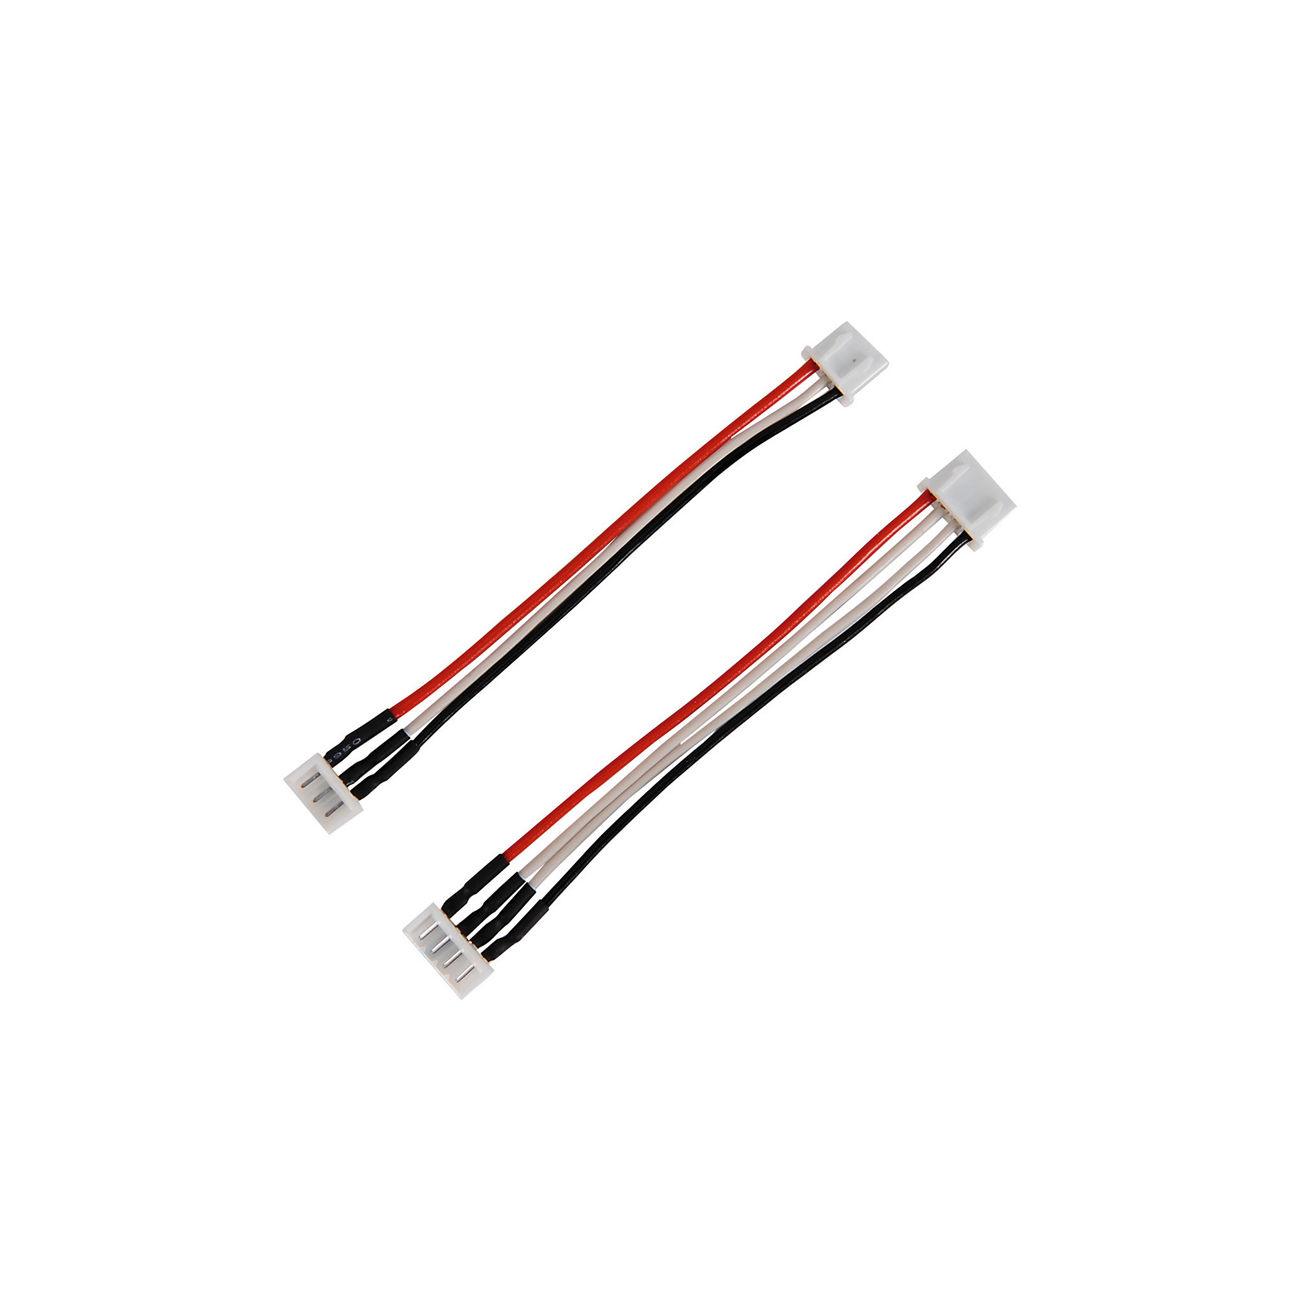 Carson lipo adapterkabel 2 3s eh auf 2 3s xh for Lipo schreibtisch